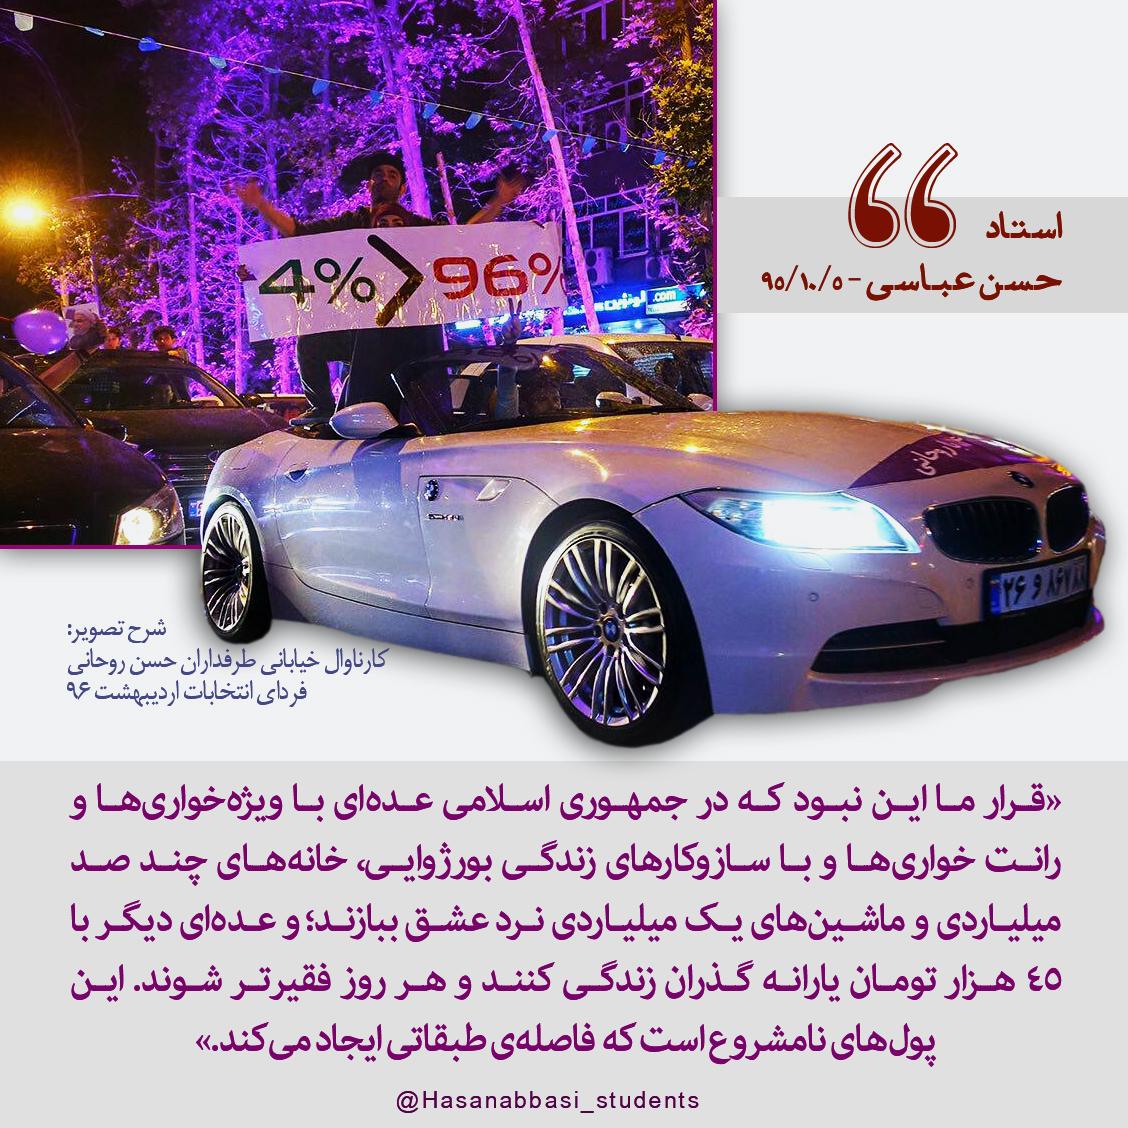 دولت 4درصدی ها